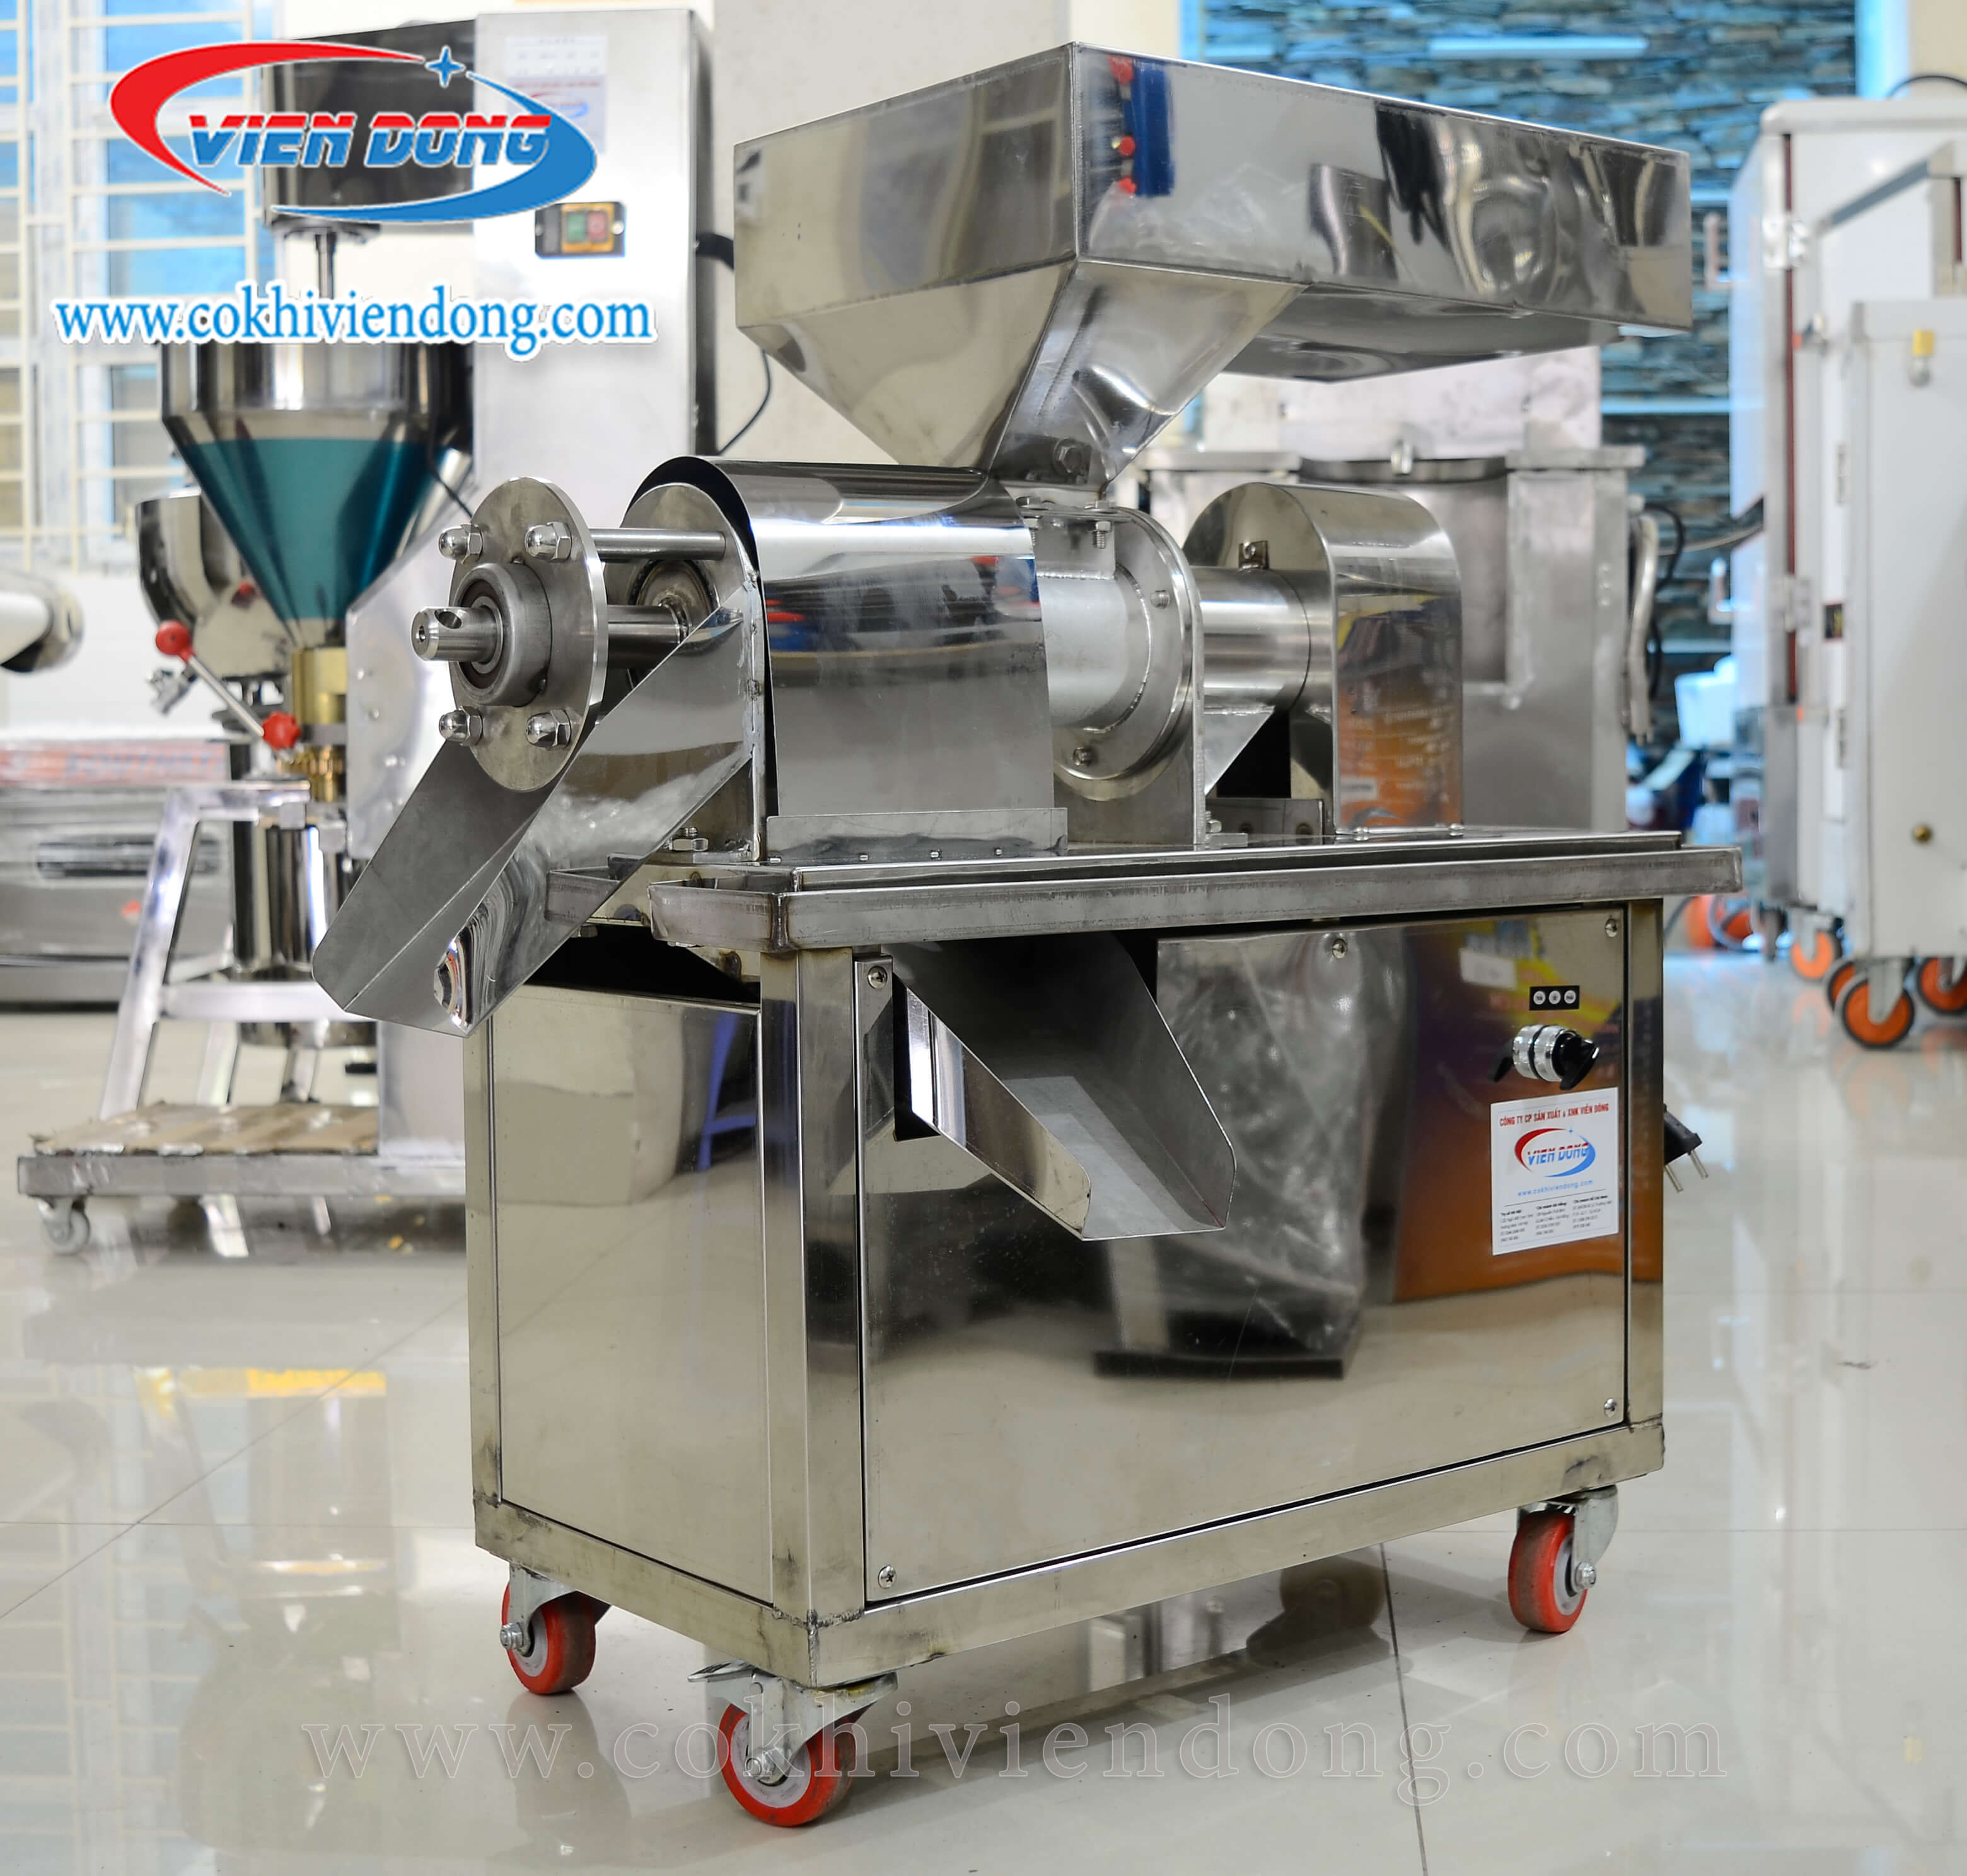 Top 4 công ty cung cấp máy ép nước cốt dừa công nghiệp